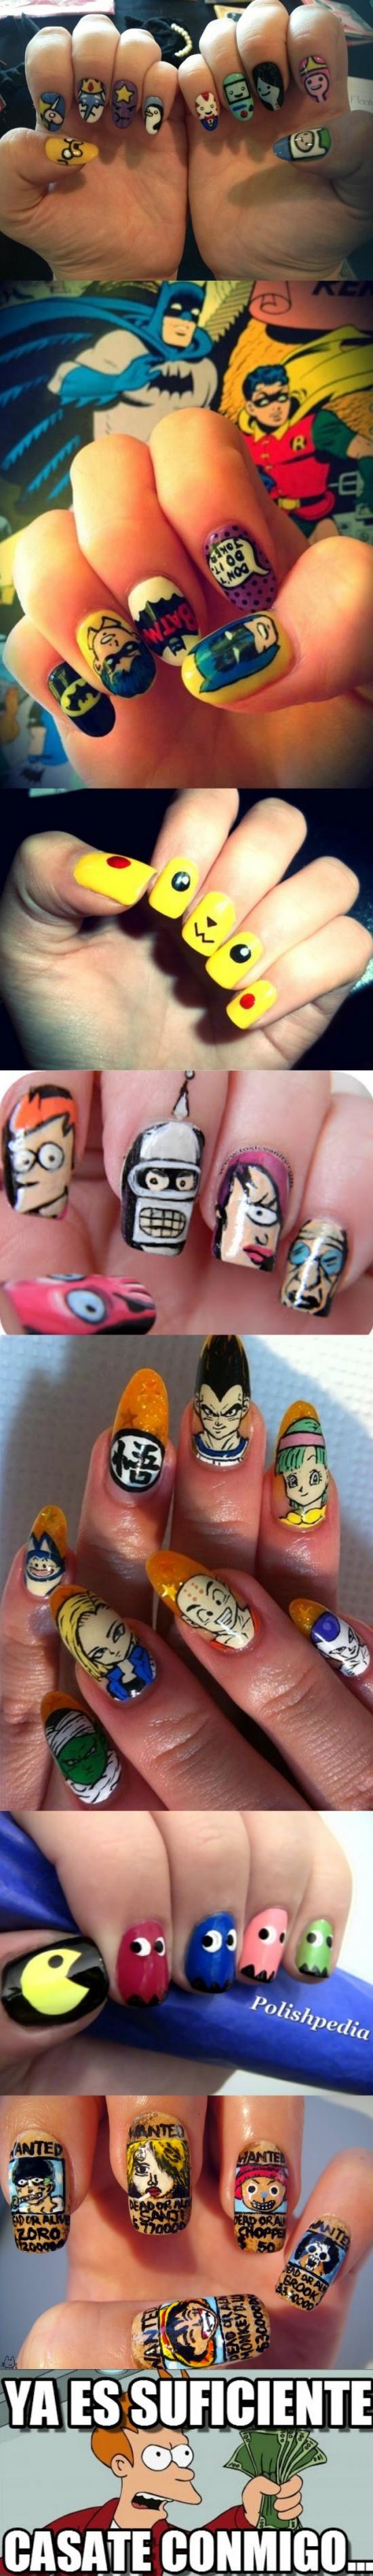 Fry - Si ves a alguien con estas uñas, no la dejes ir